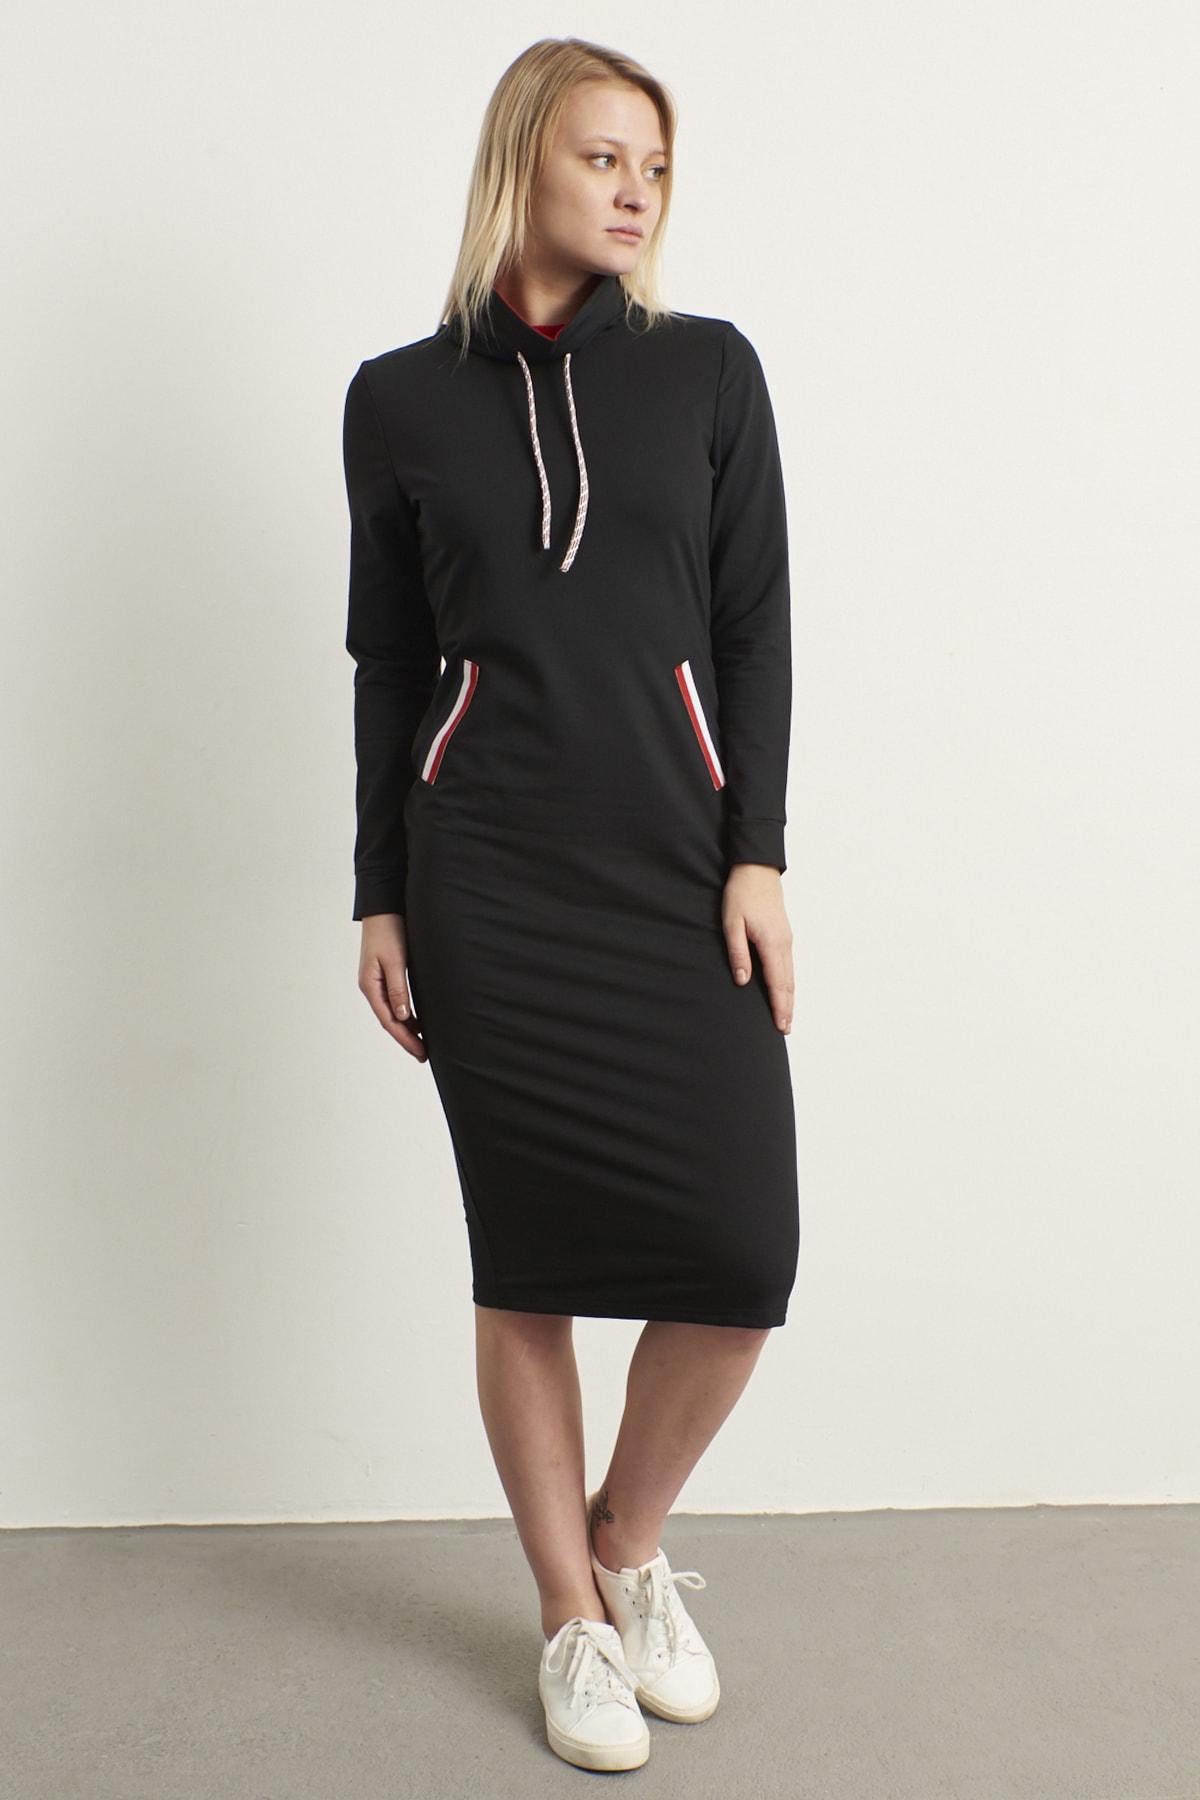 ELBİSENN Kadın Siyah Şerit Detay Spor Elbise 1